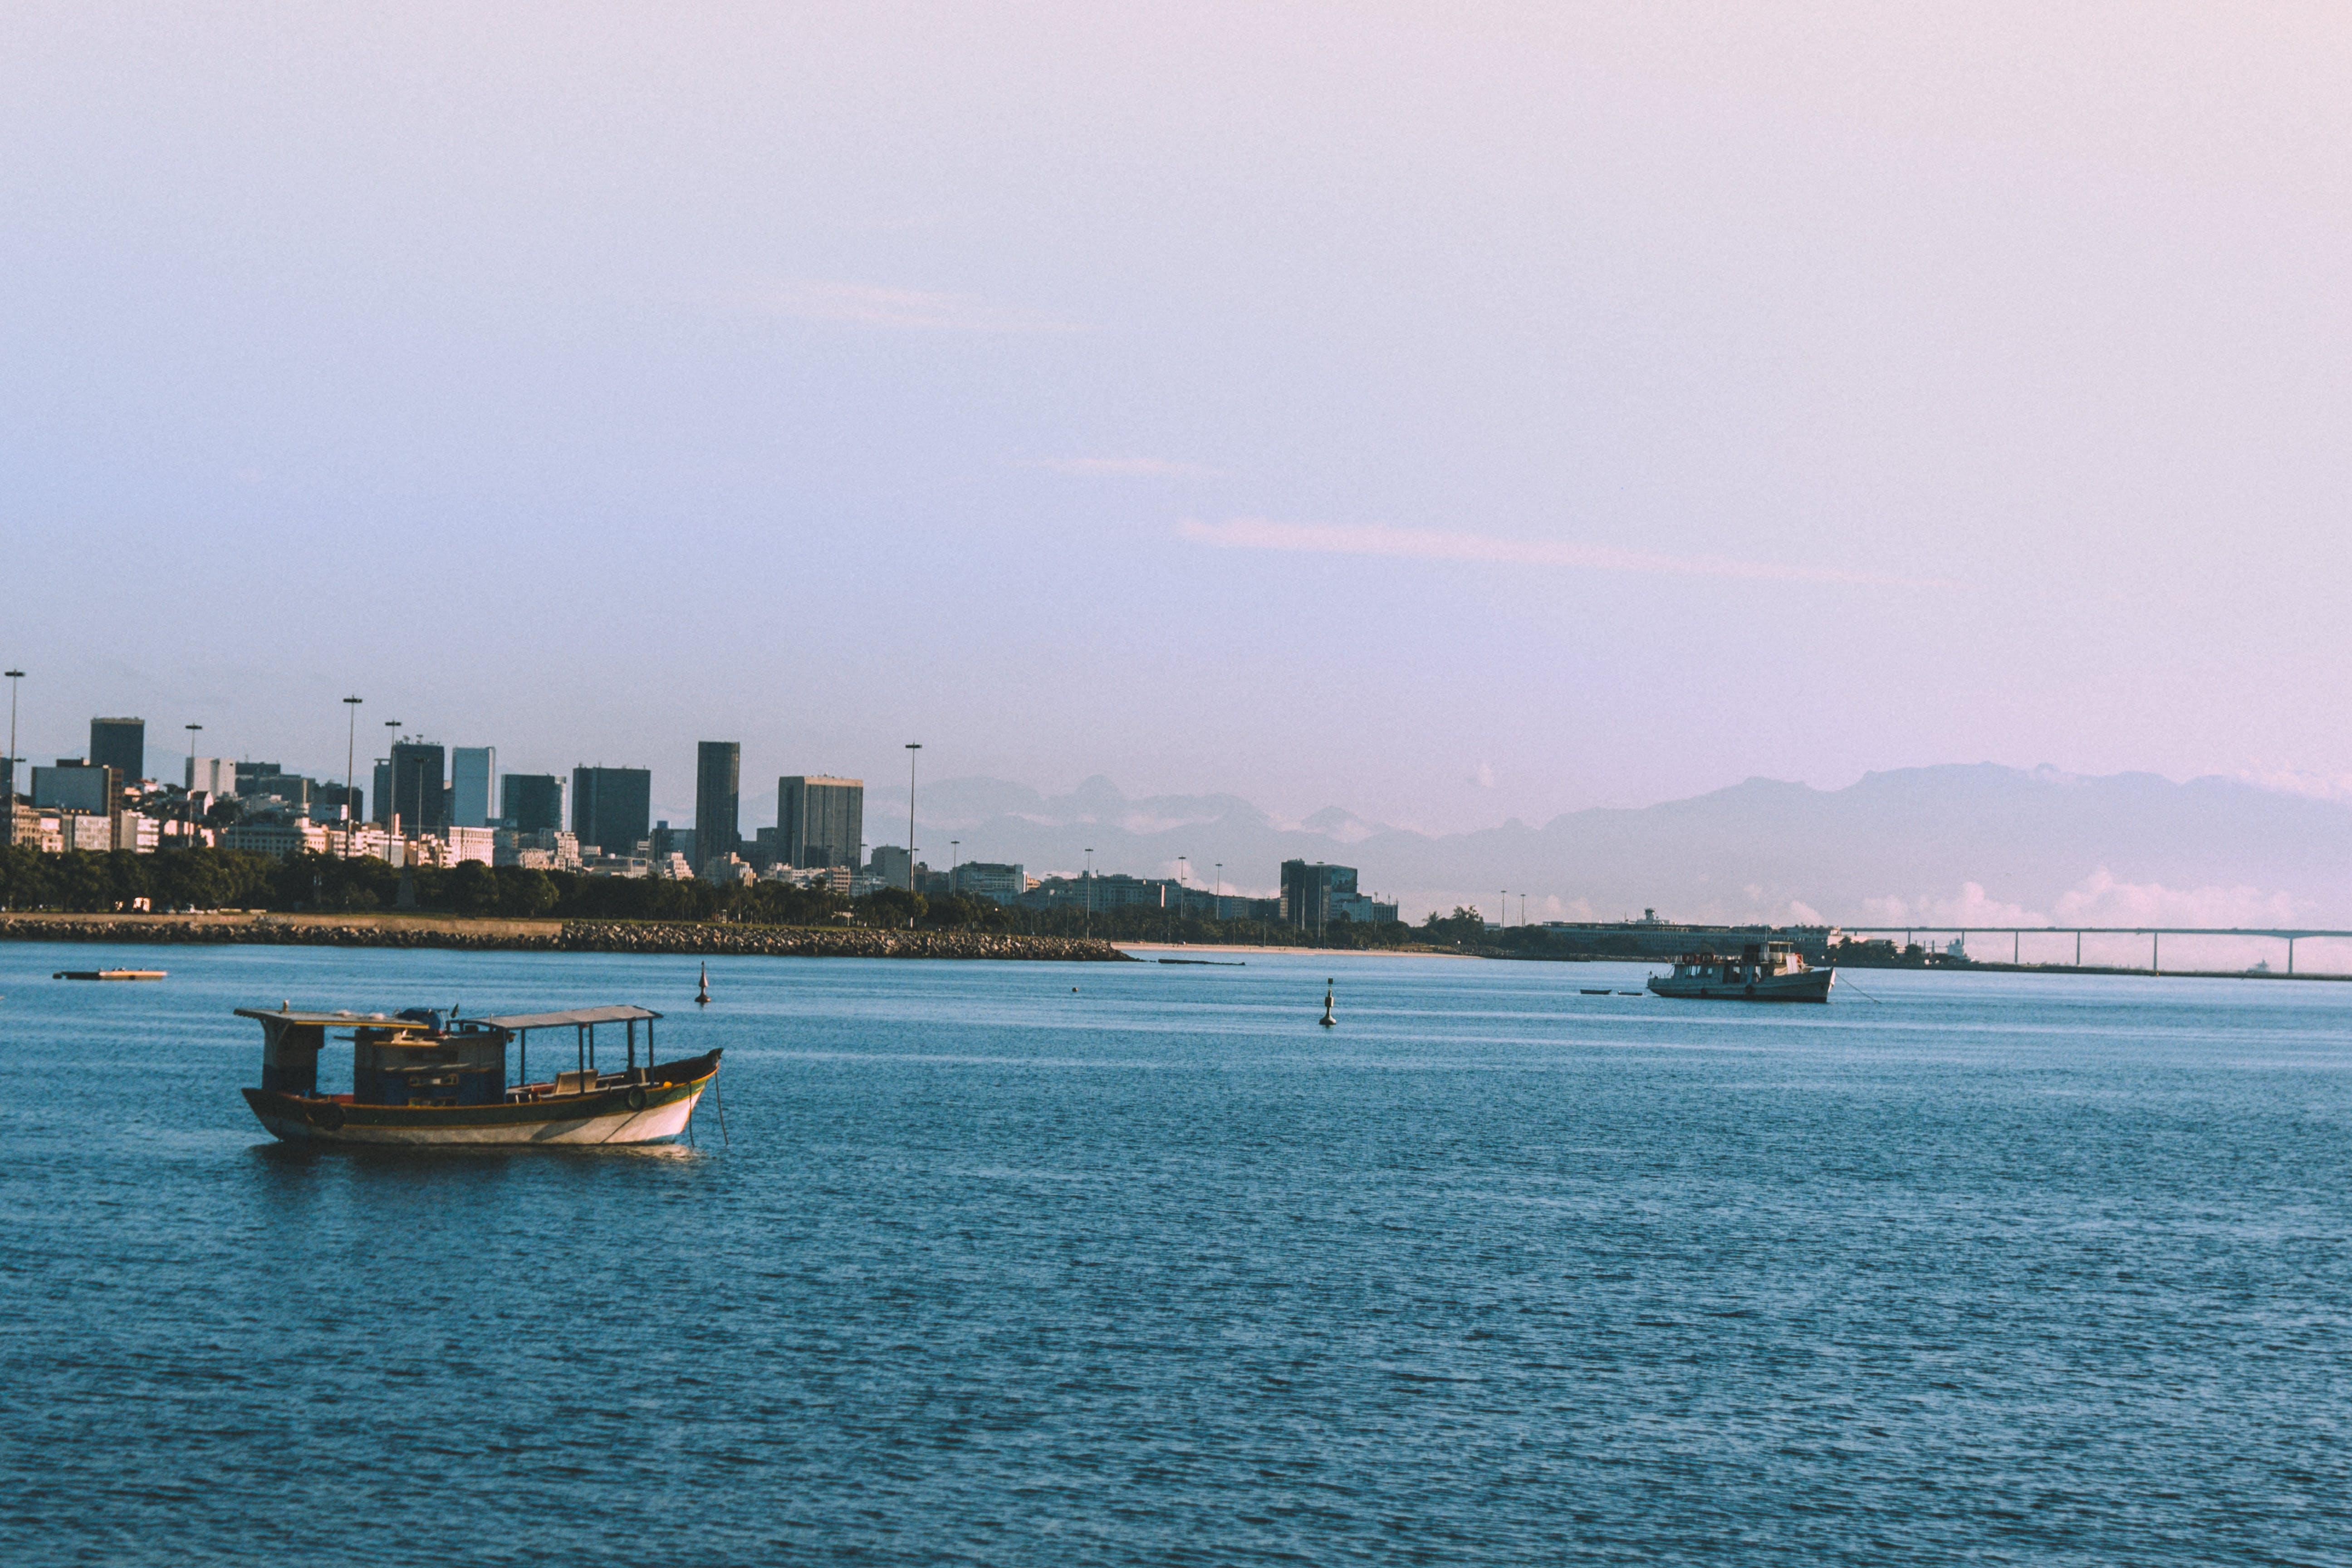 čluny, dopravní systém, moře